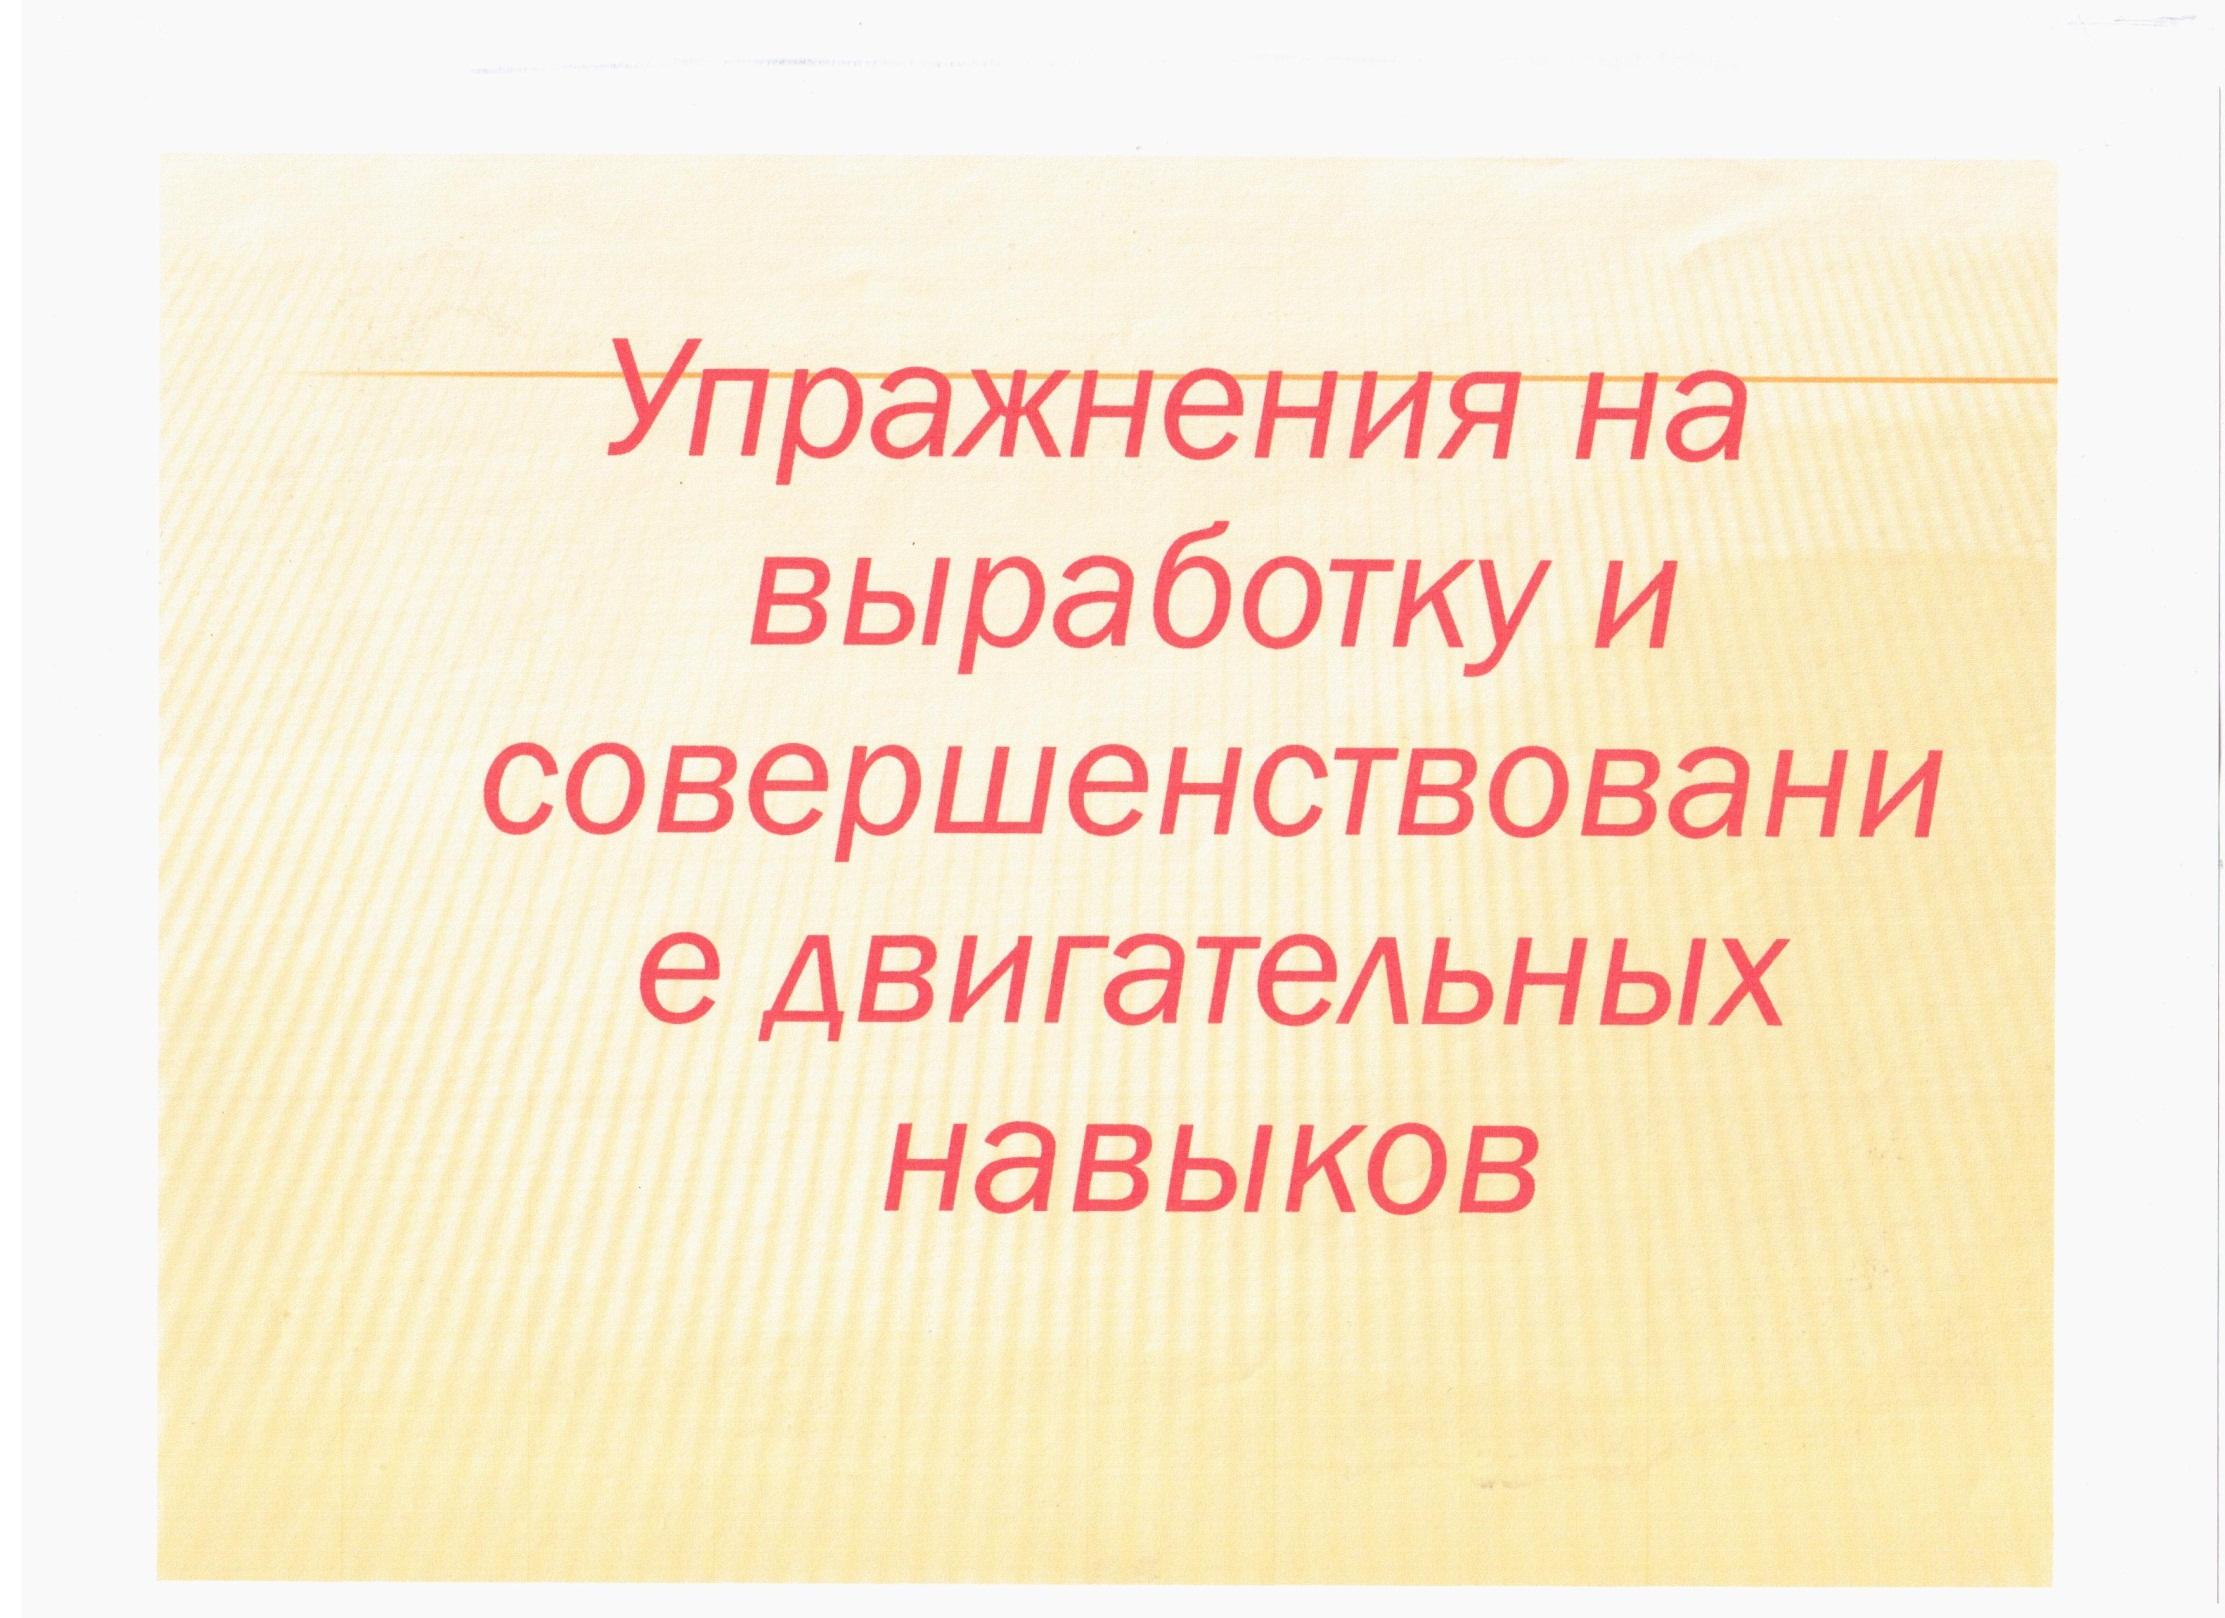 C:\Users\Администратор\Documents\аттестация\доклад мир танца\а17.jpeg